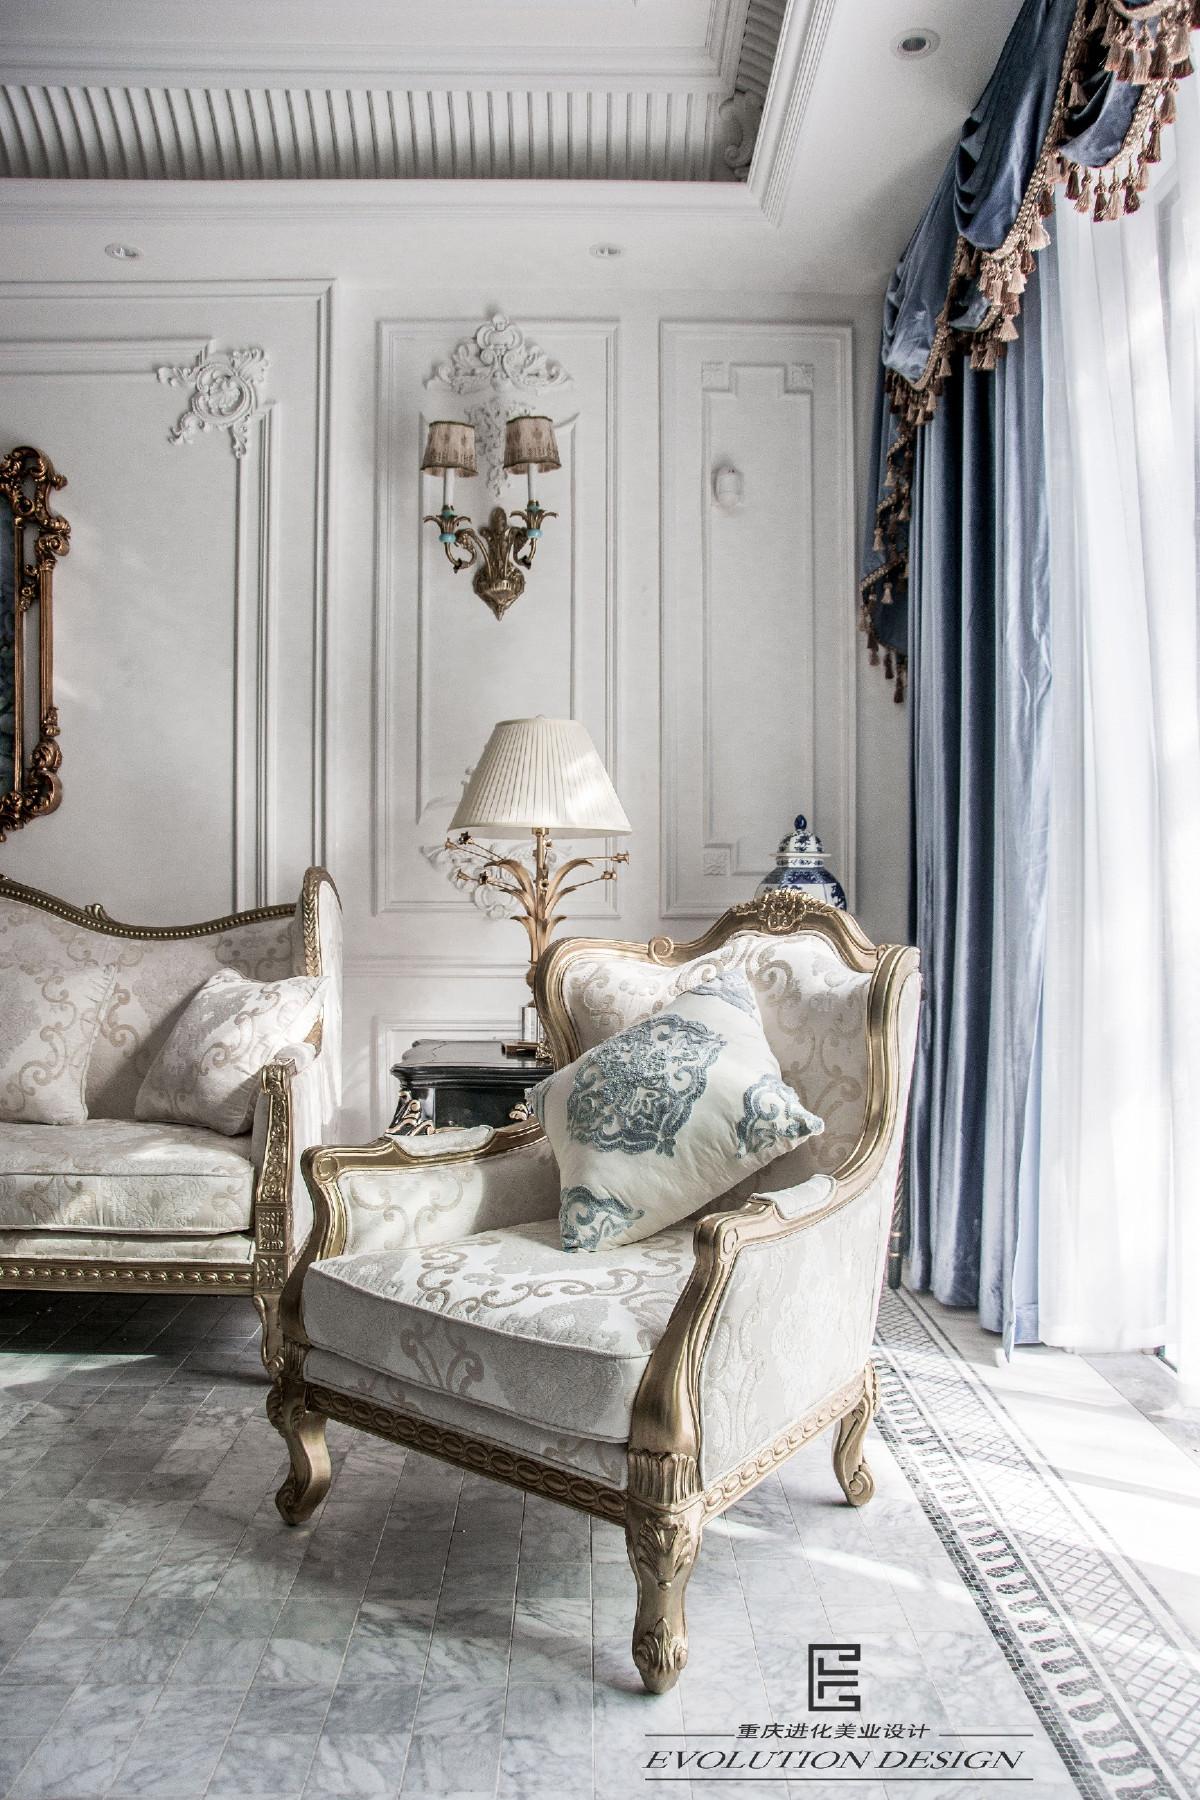 在大则当道的时代,设计师一反常规,采用马赛克地砖,在保障客厅空间感的同时不失品质,与墙面的法式雕花相得益彰,无形契合;纯白的帷幔使视觉得到延伸,通透感更强  不会有山穷水尽的感觉。